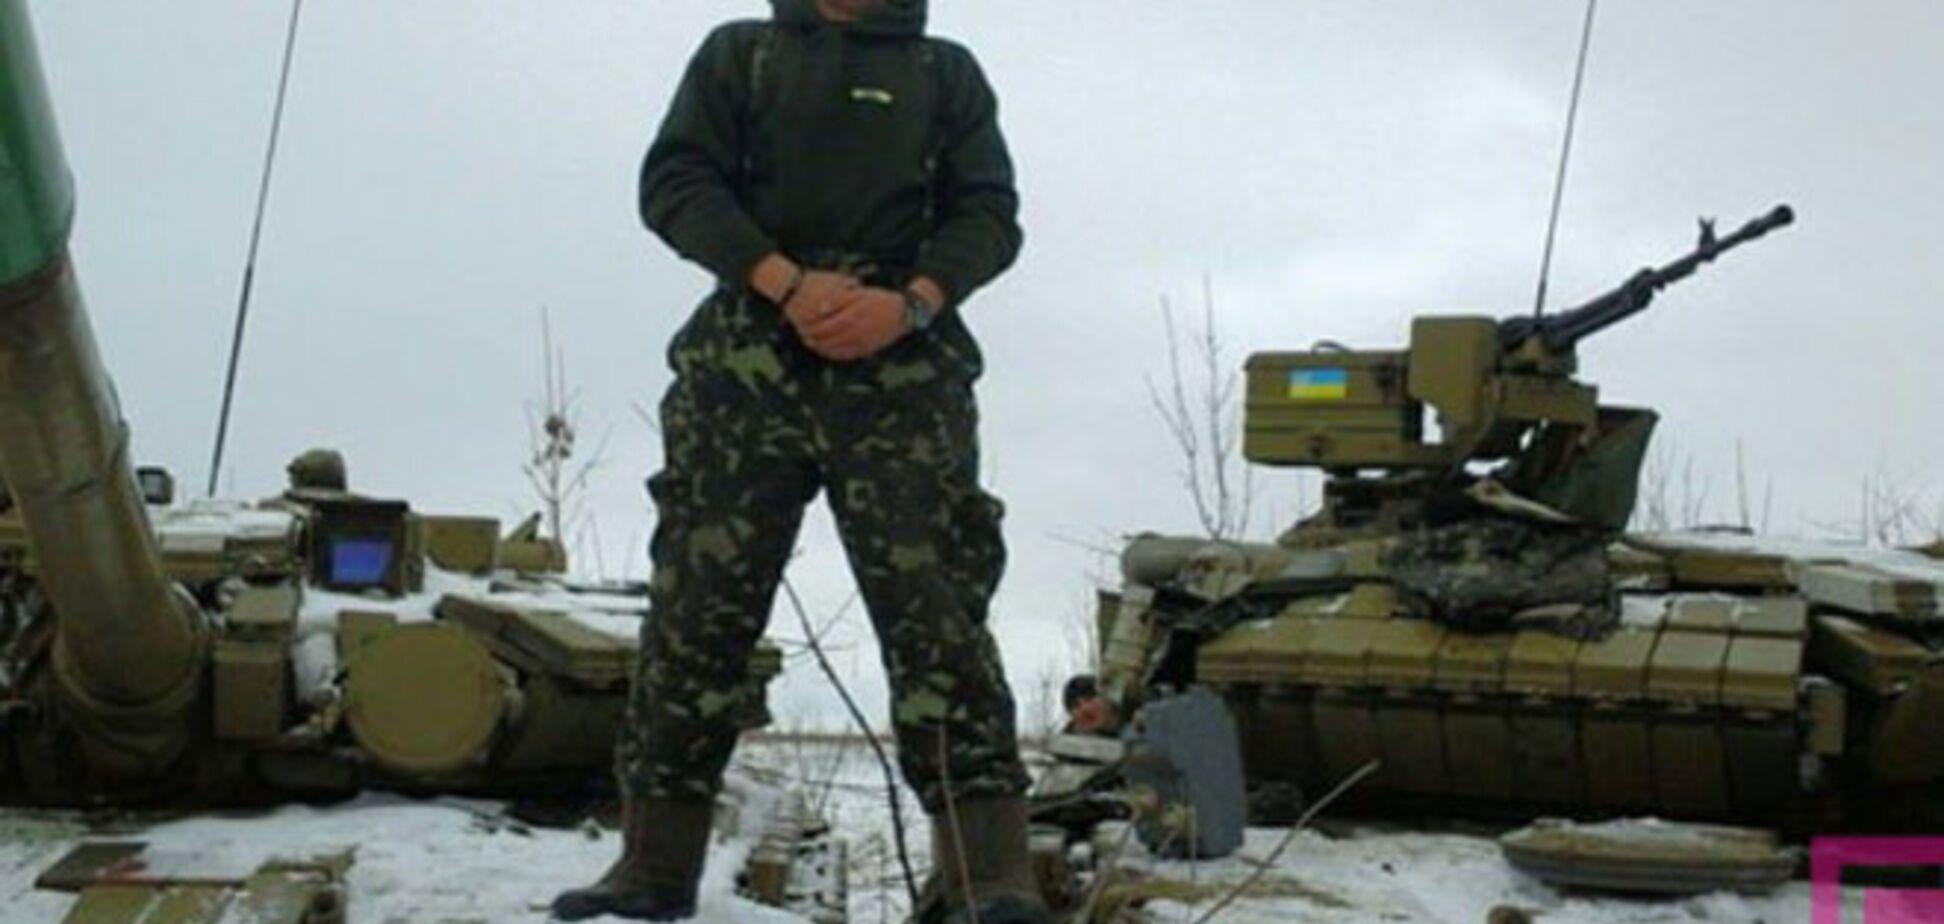 После письма украинского офицера, мать российского наемника вышла на контакт